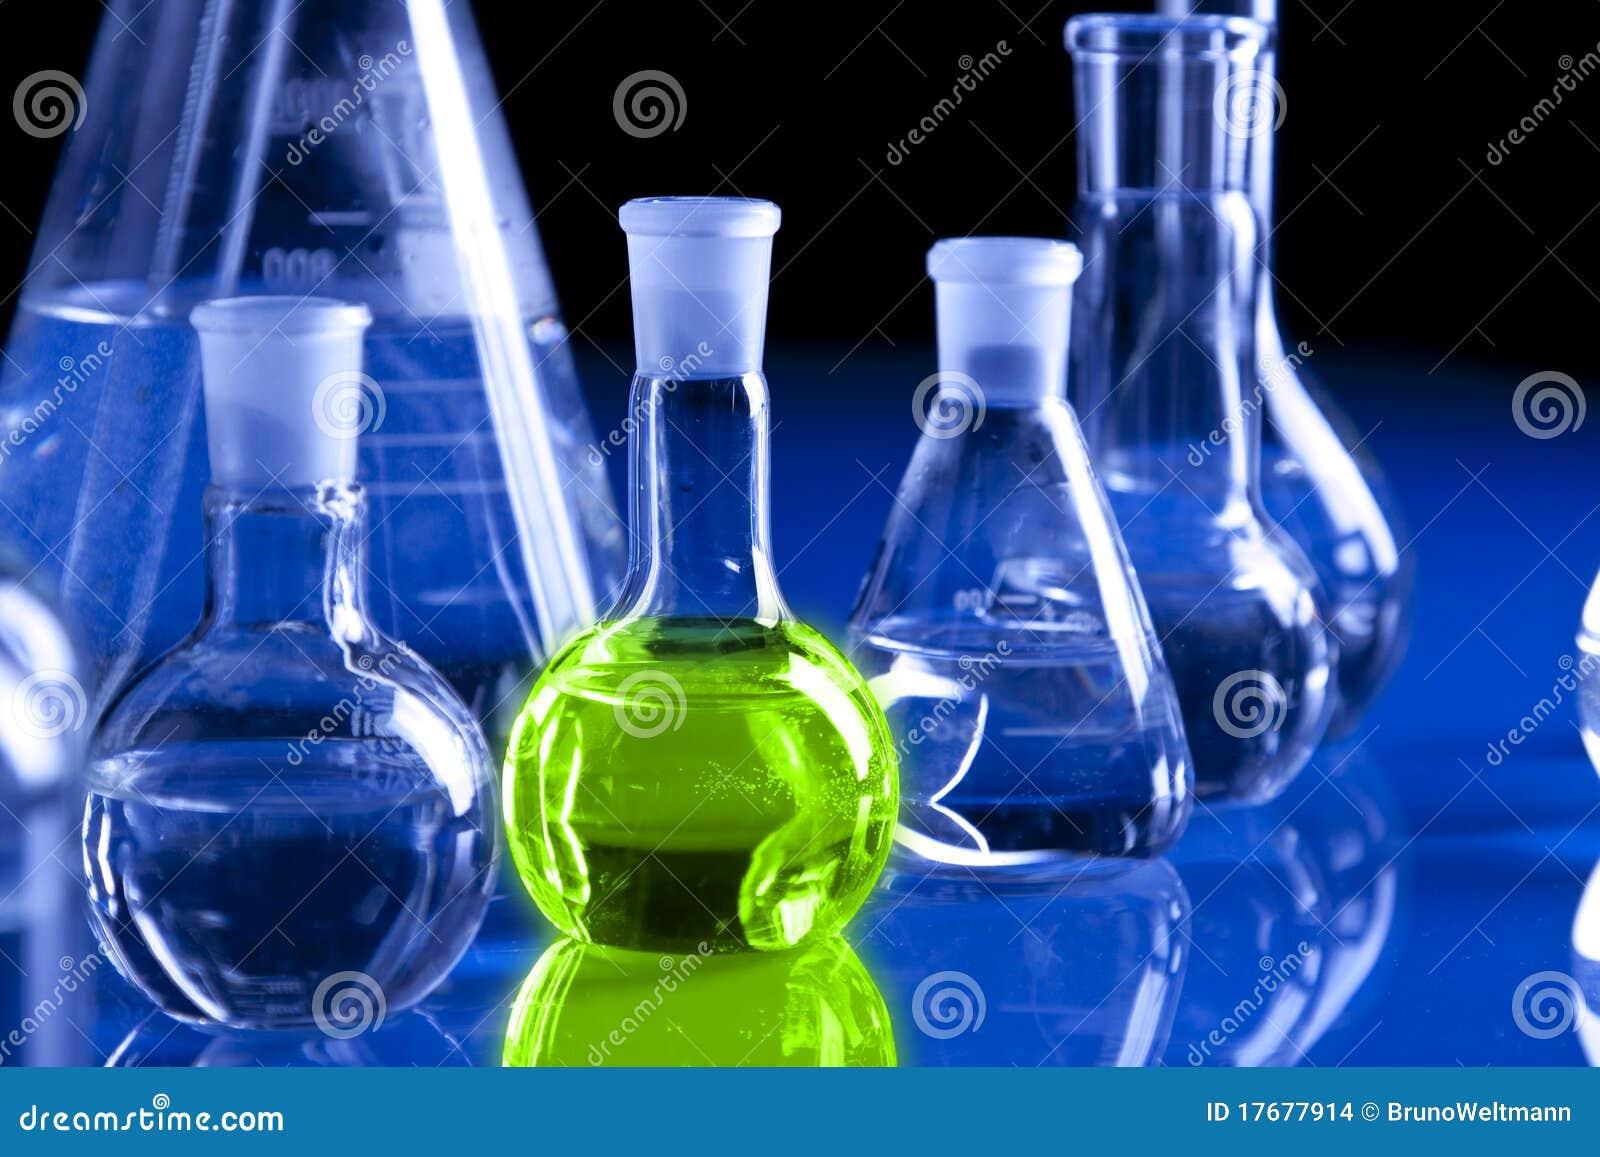 Cristalería de laboratorio en fondo azul